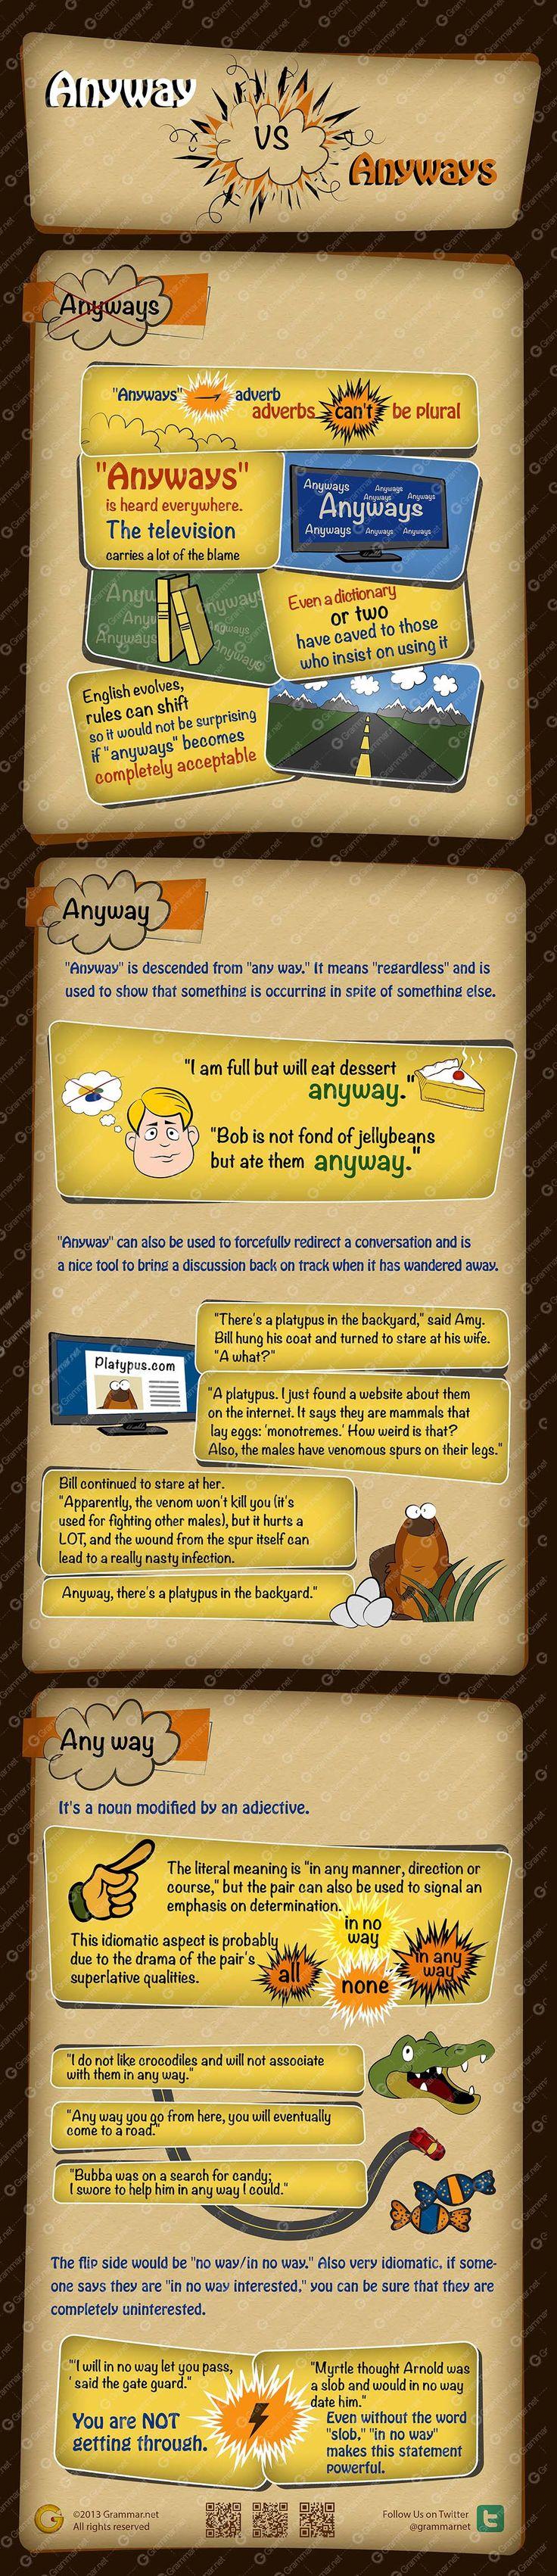 Hola: Una infografía de la serie Aprende inglés: anyway vs. anyways. Un saludo Más infografías de la serie Aprende Inglés. [Infographic provided by Grammar.net]